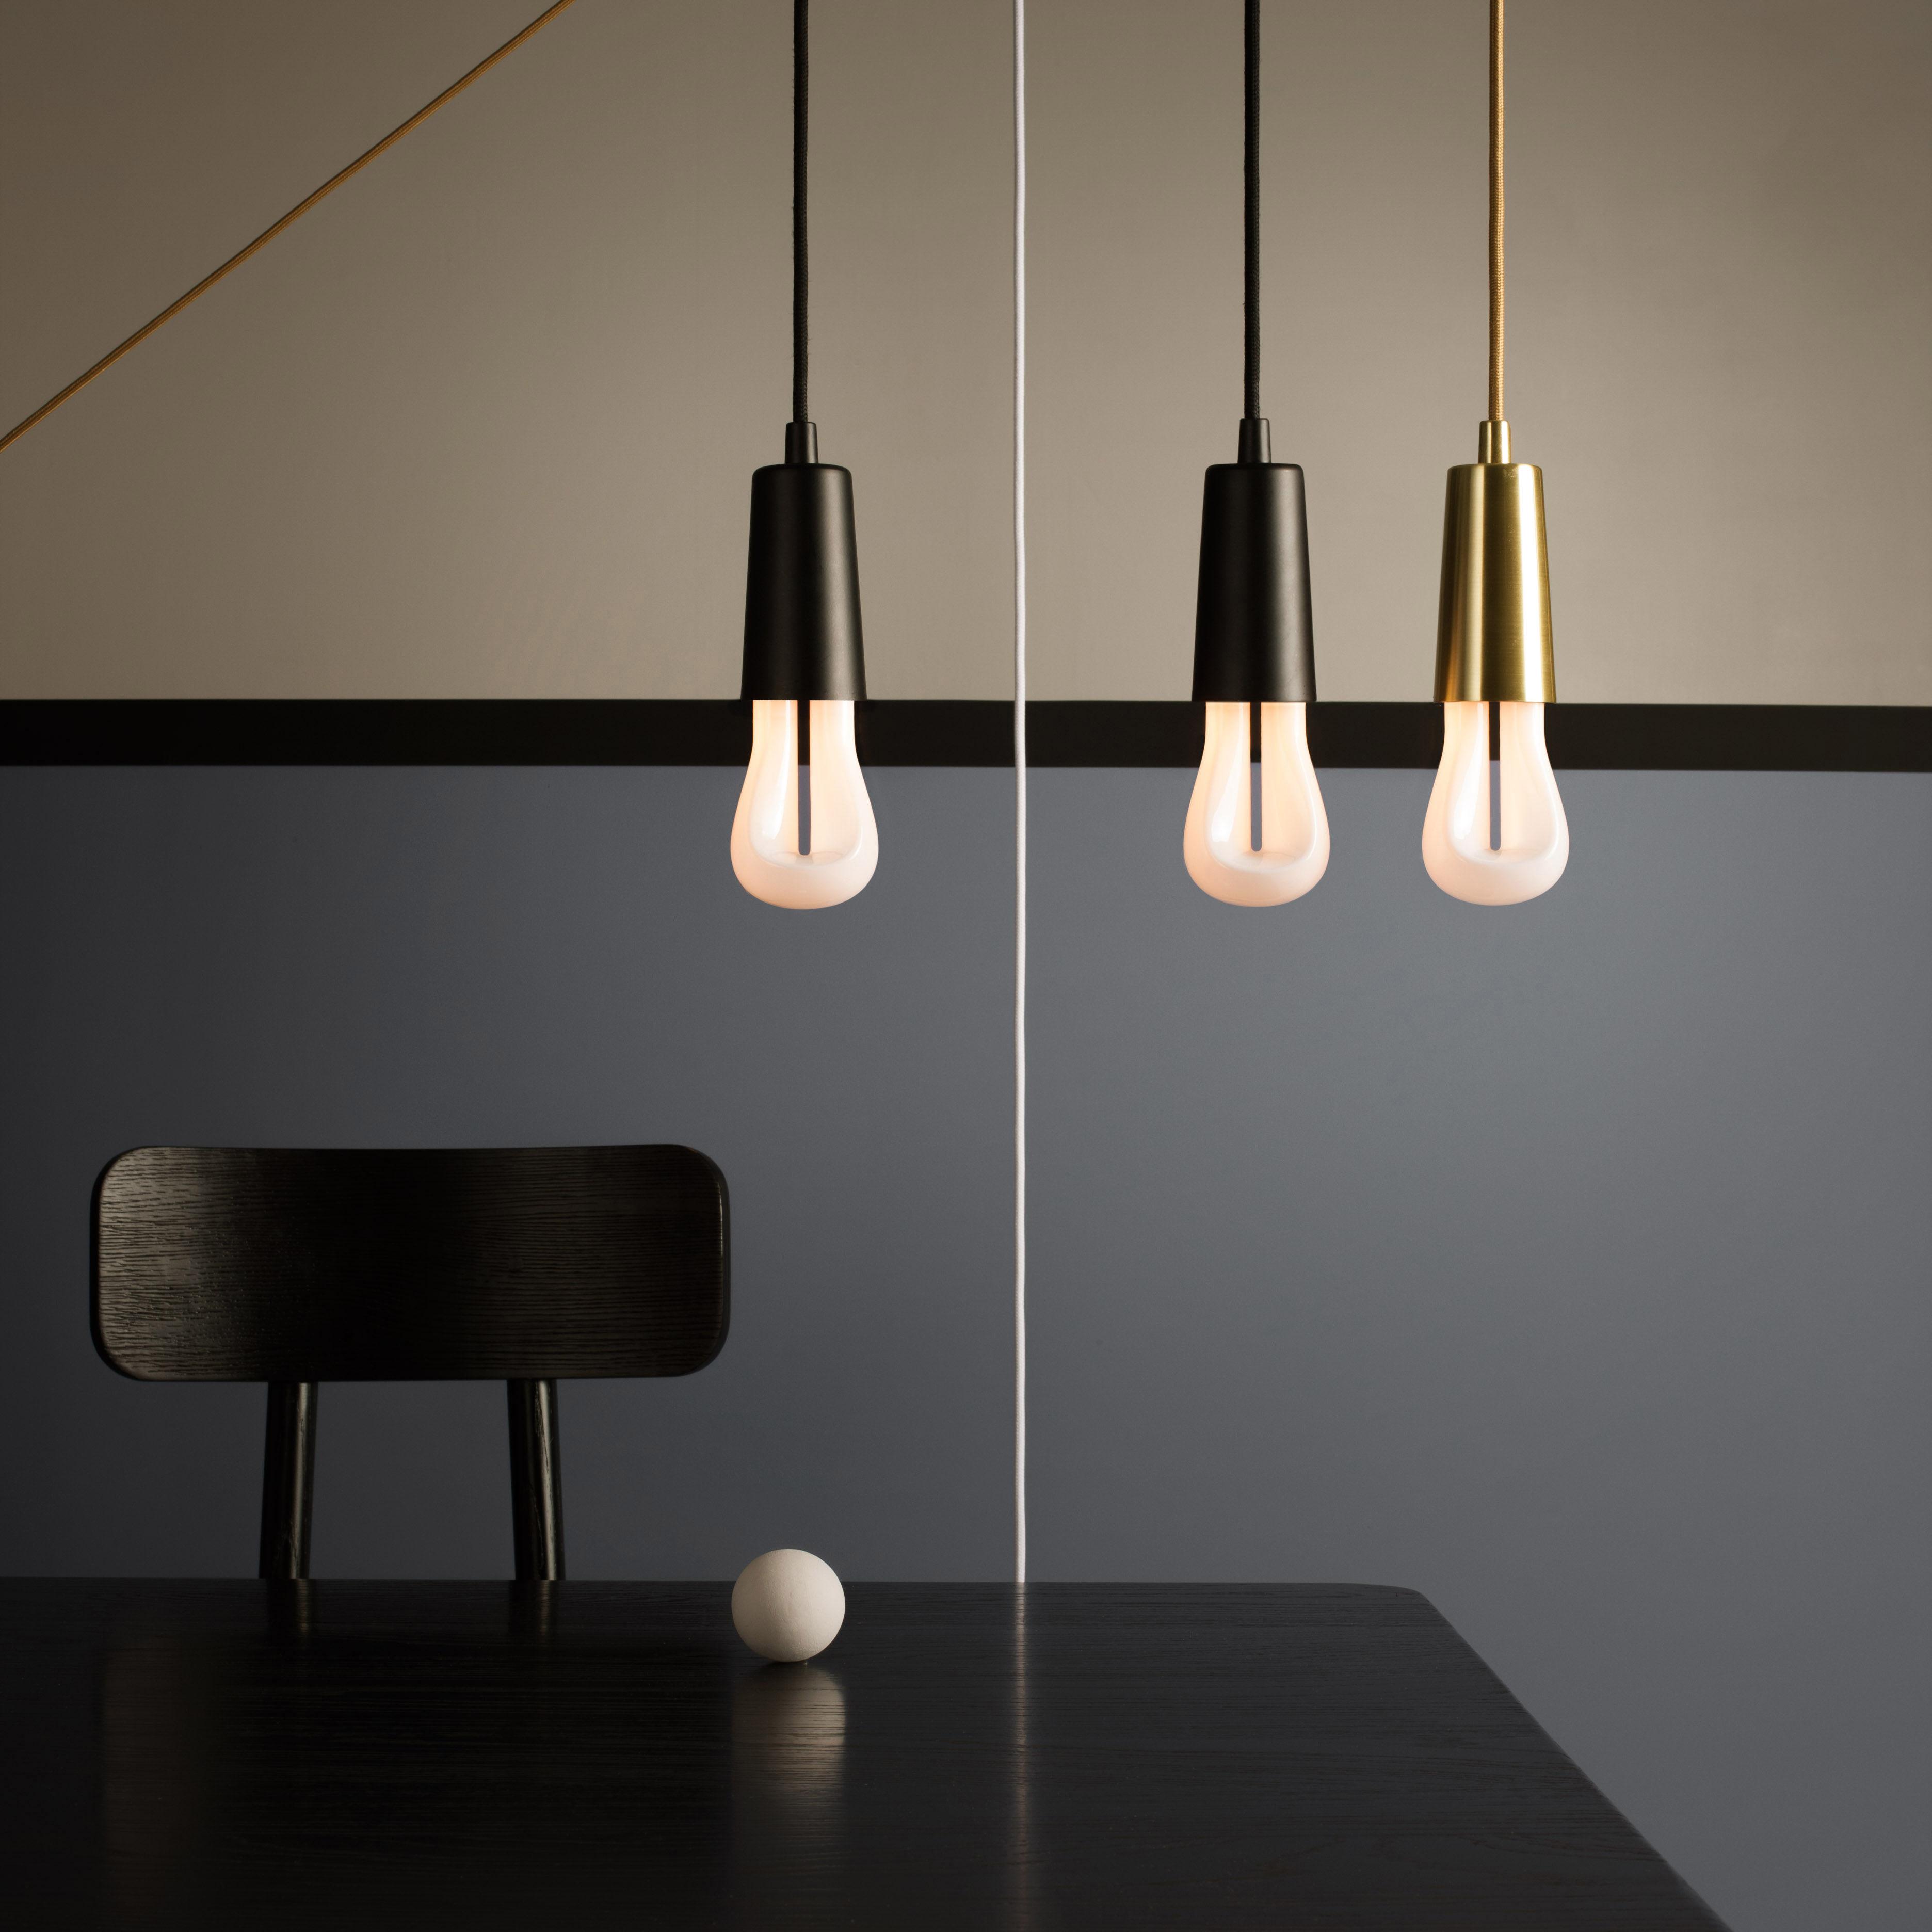 ampoule led e27 n 002 original 4w 25w 245 lumen blanc culot noir plumen. Black Bedroom Furniture Sets. Home Design Ideas